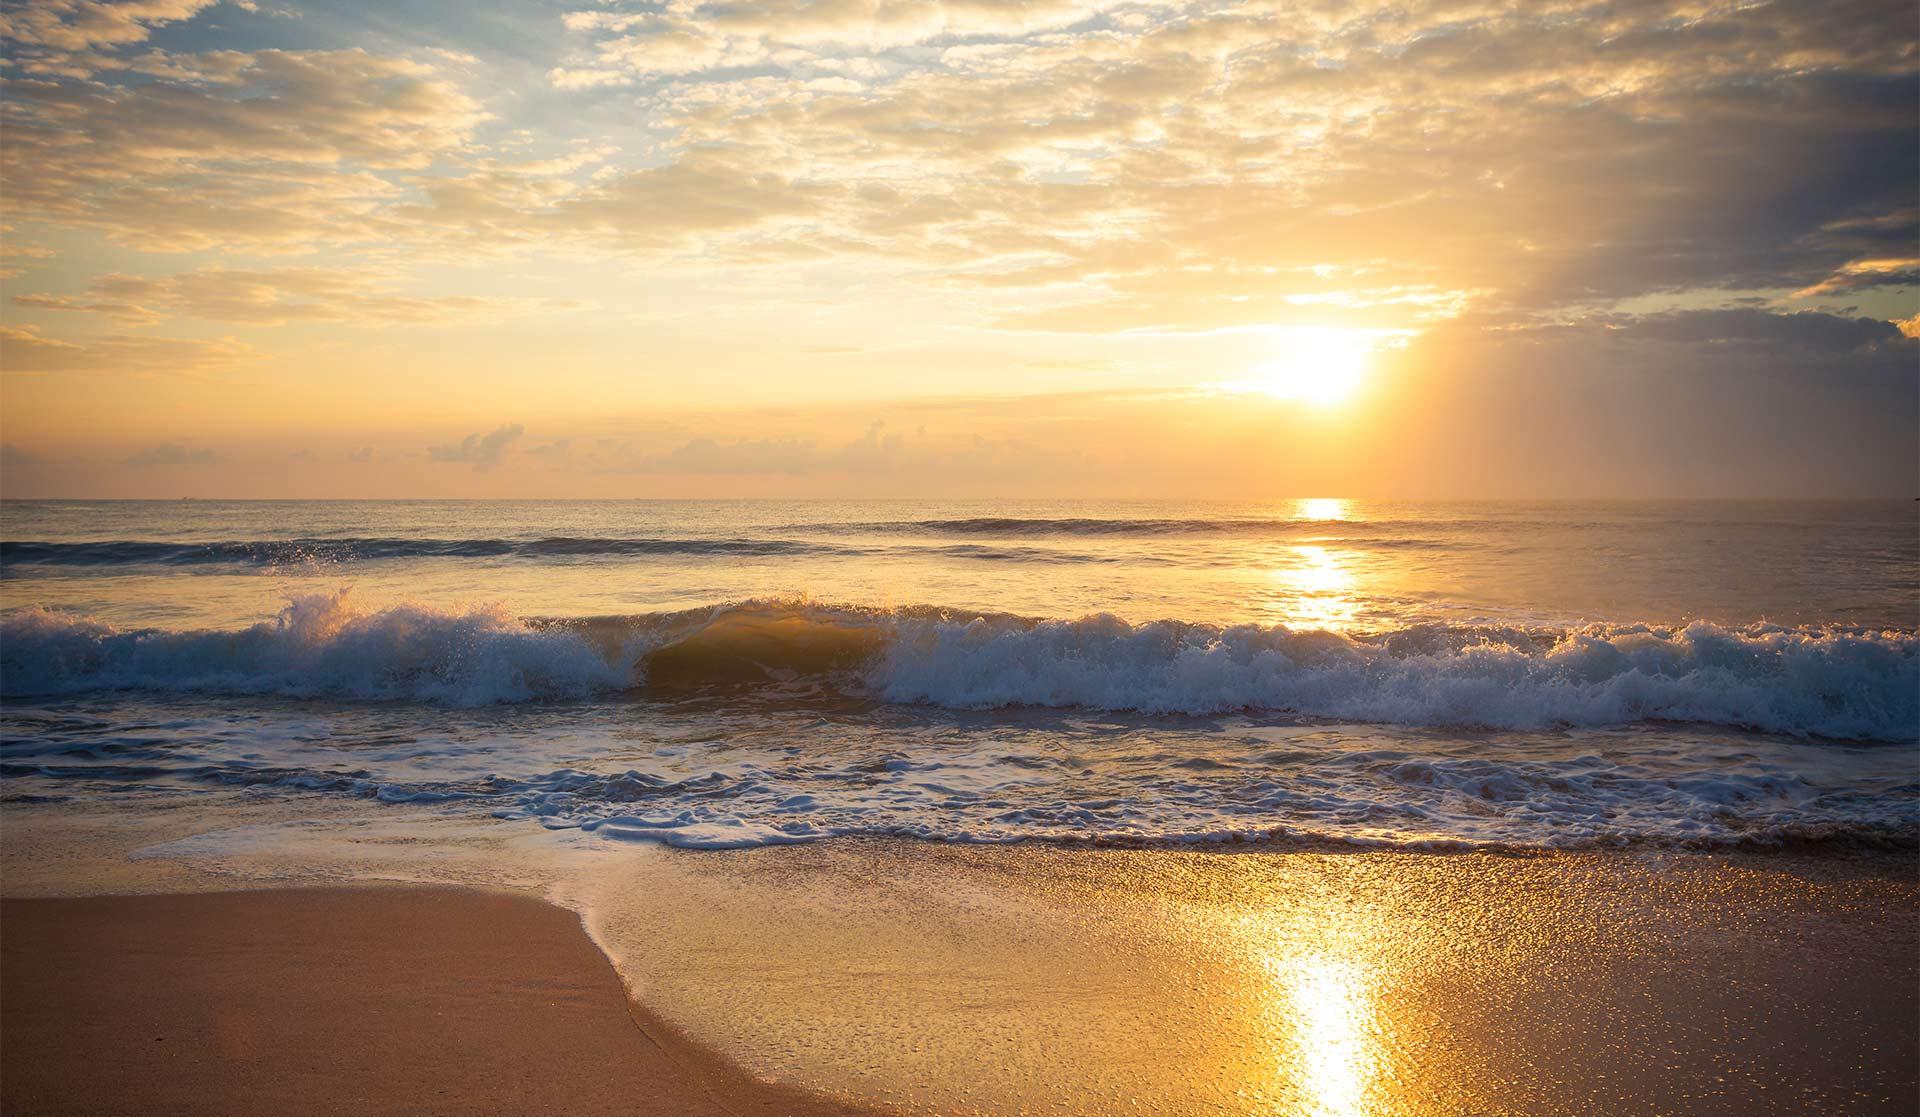 Sunrise in Sandbridge - Sandbridge Life